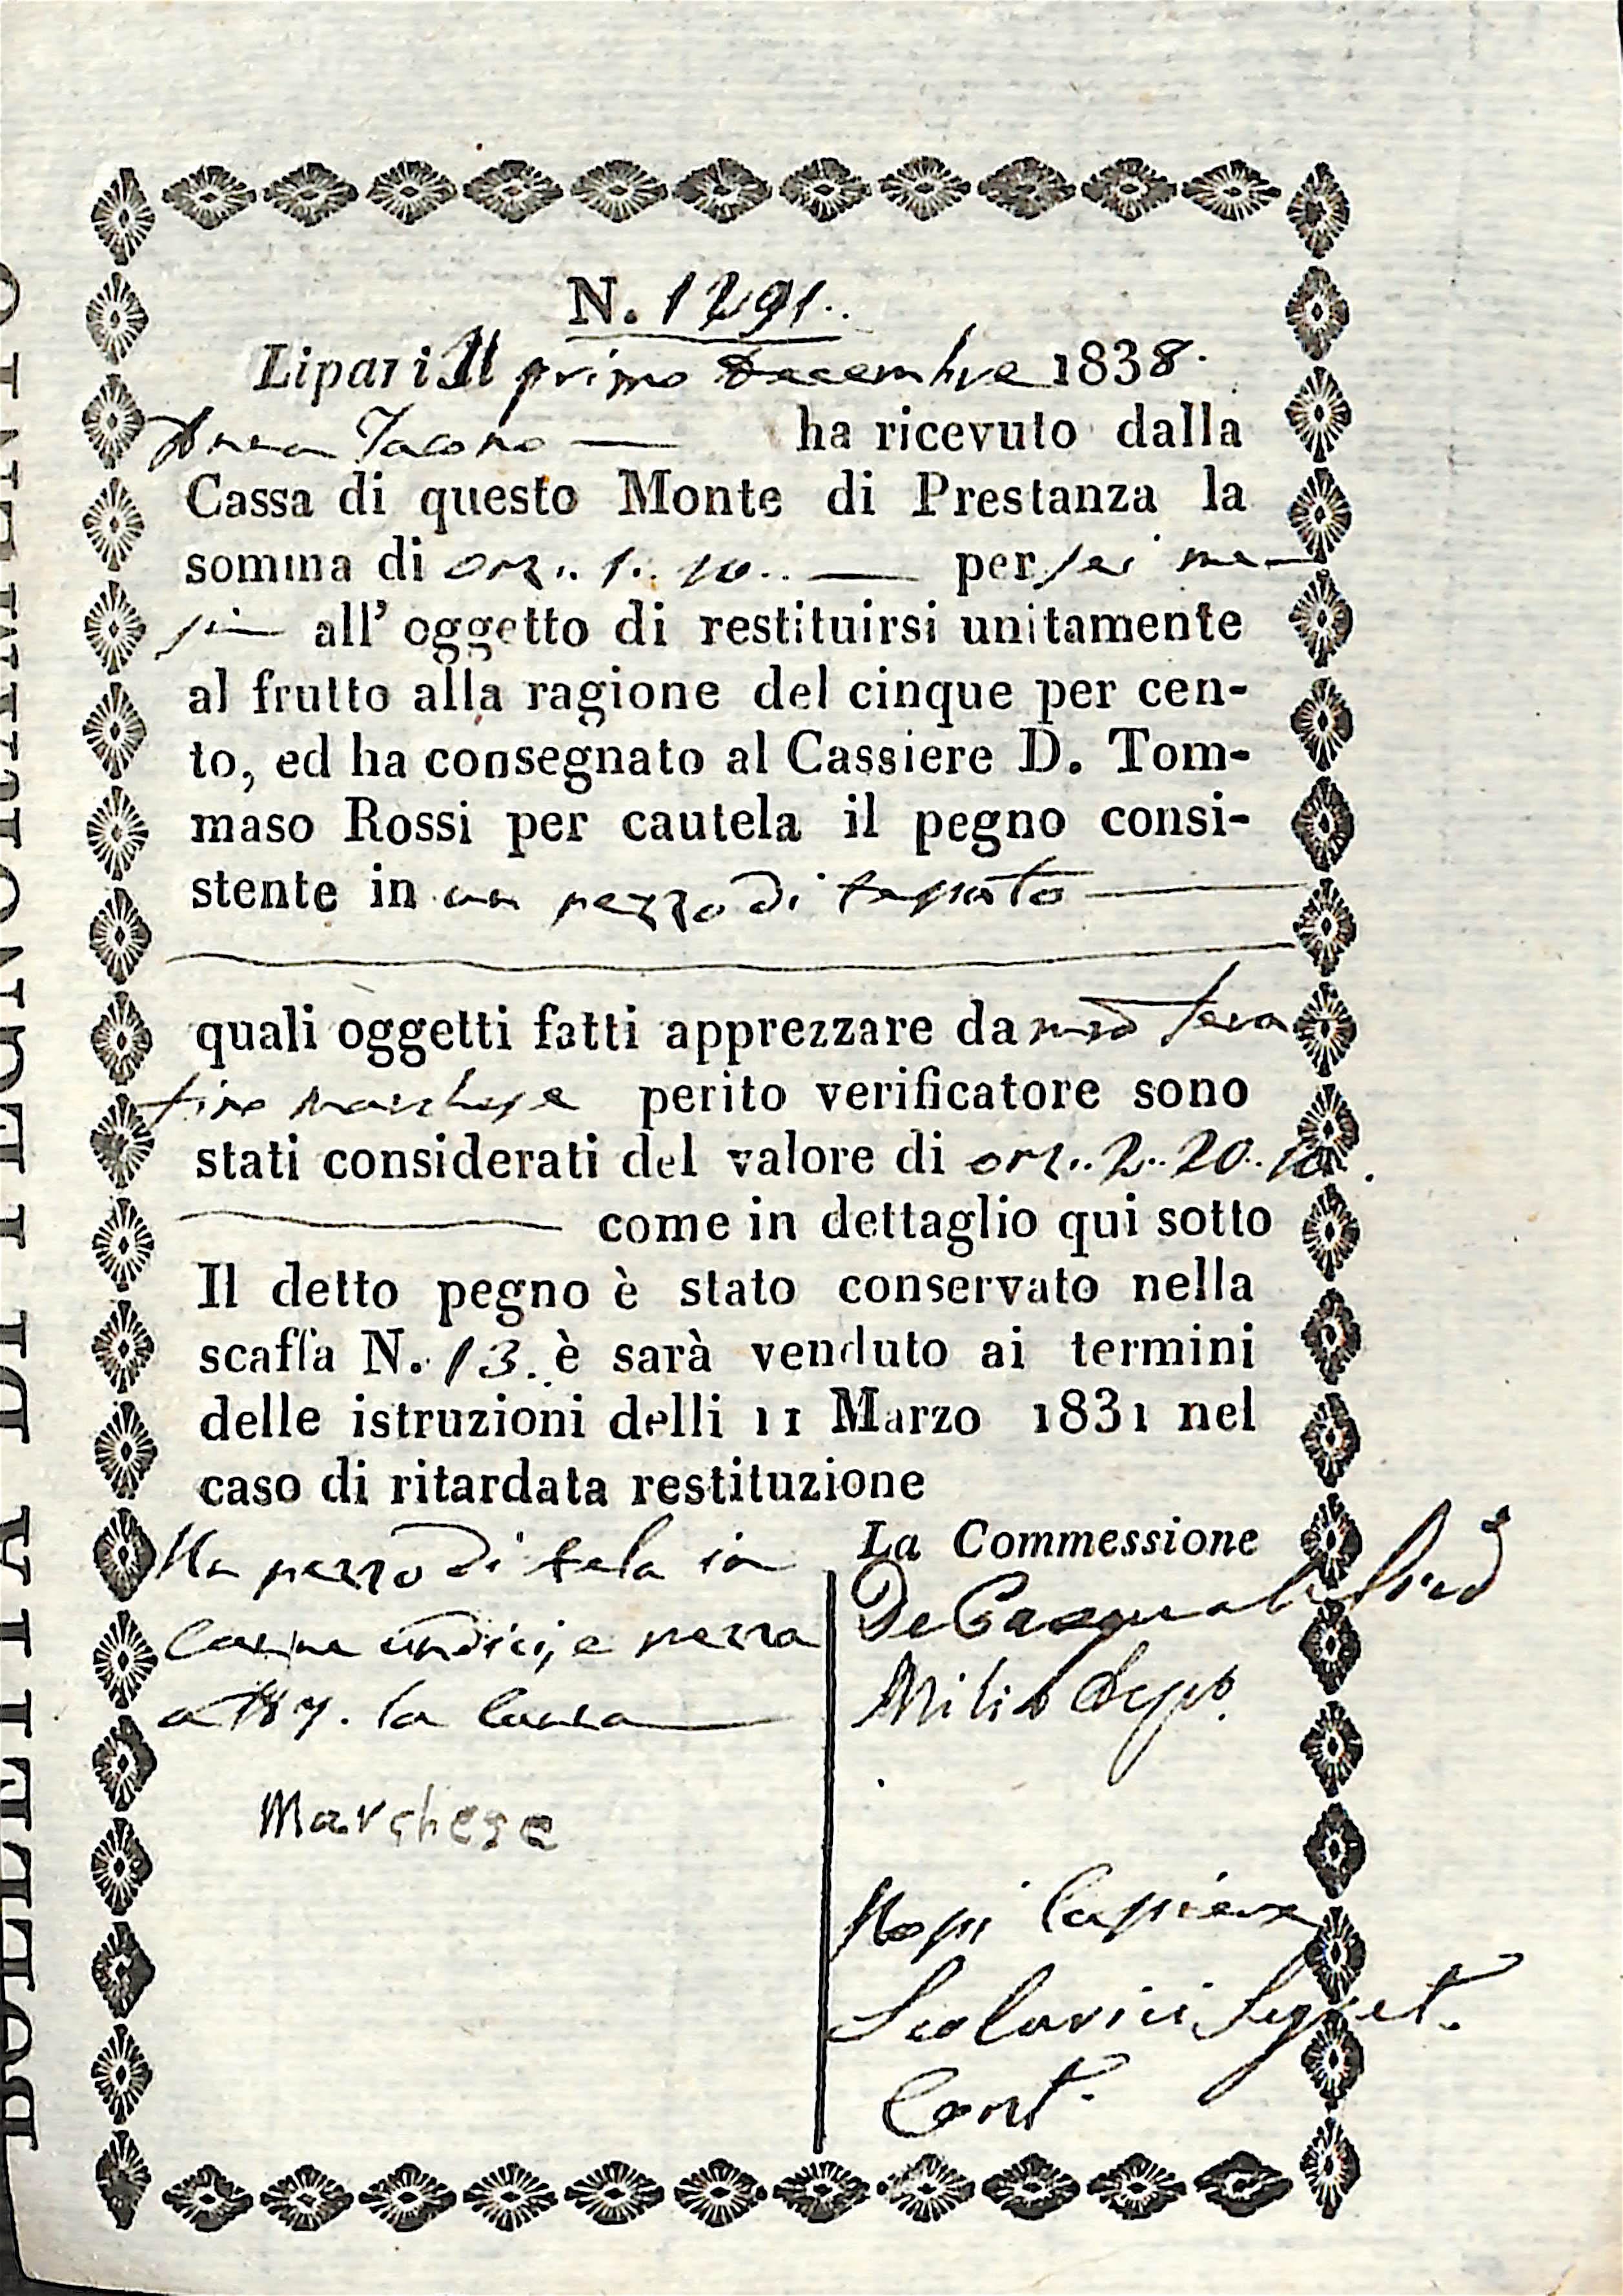 monte-di-prestanza-lipari-1838